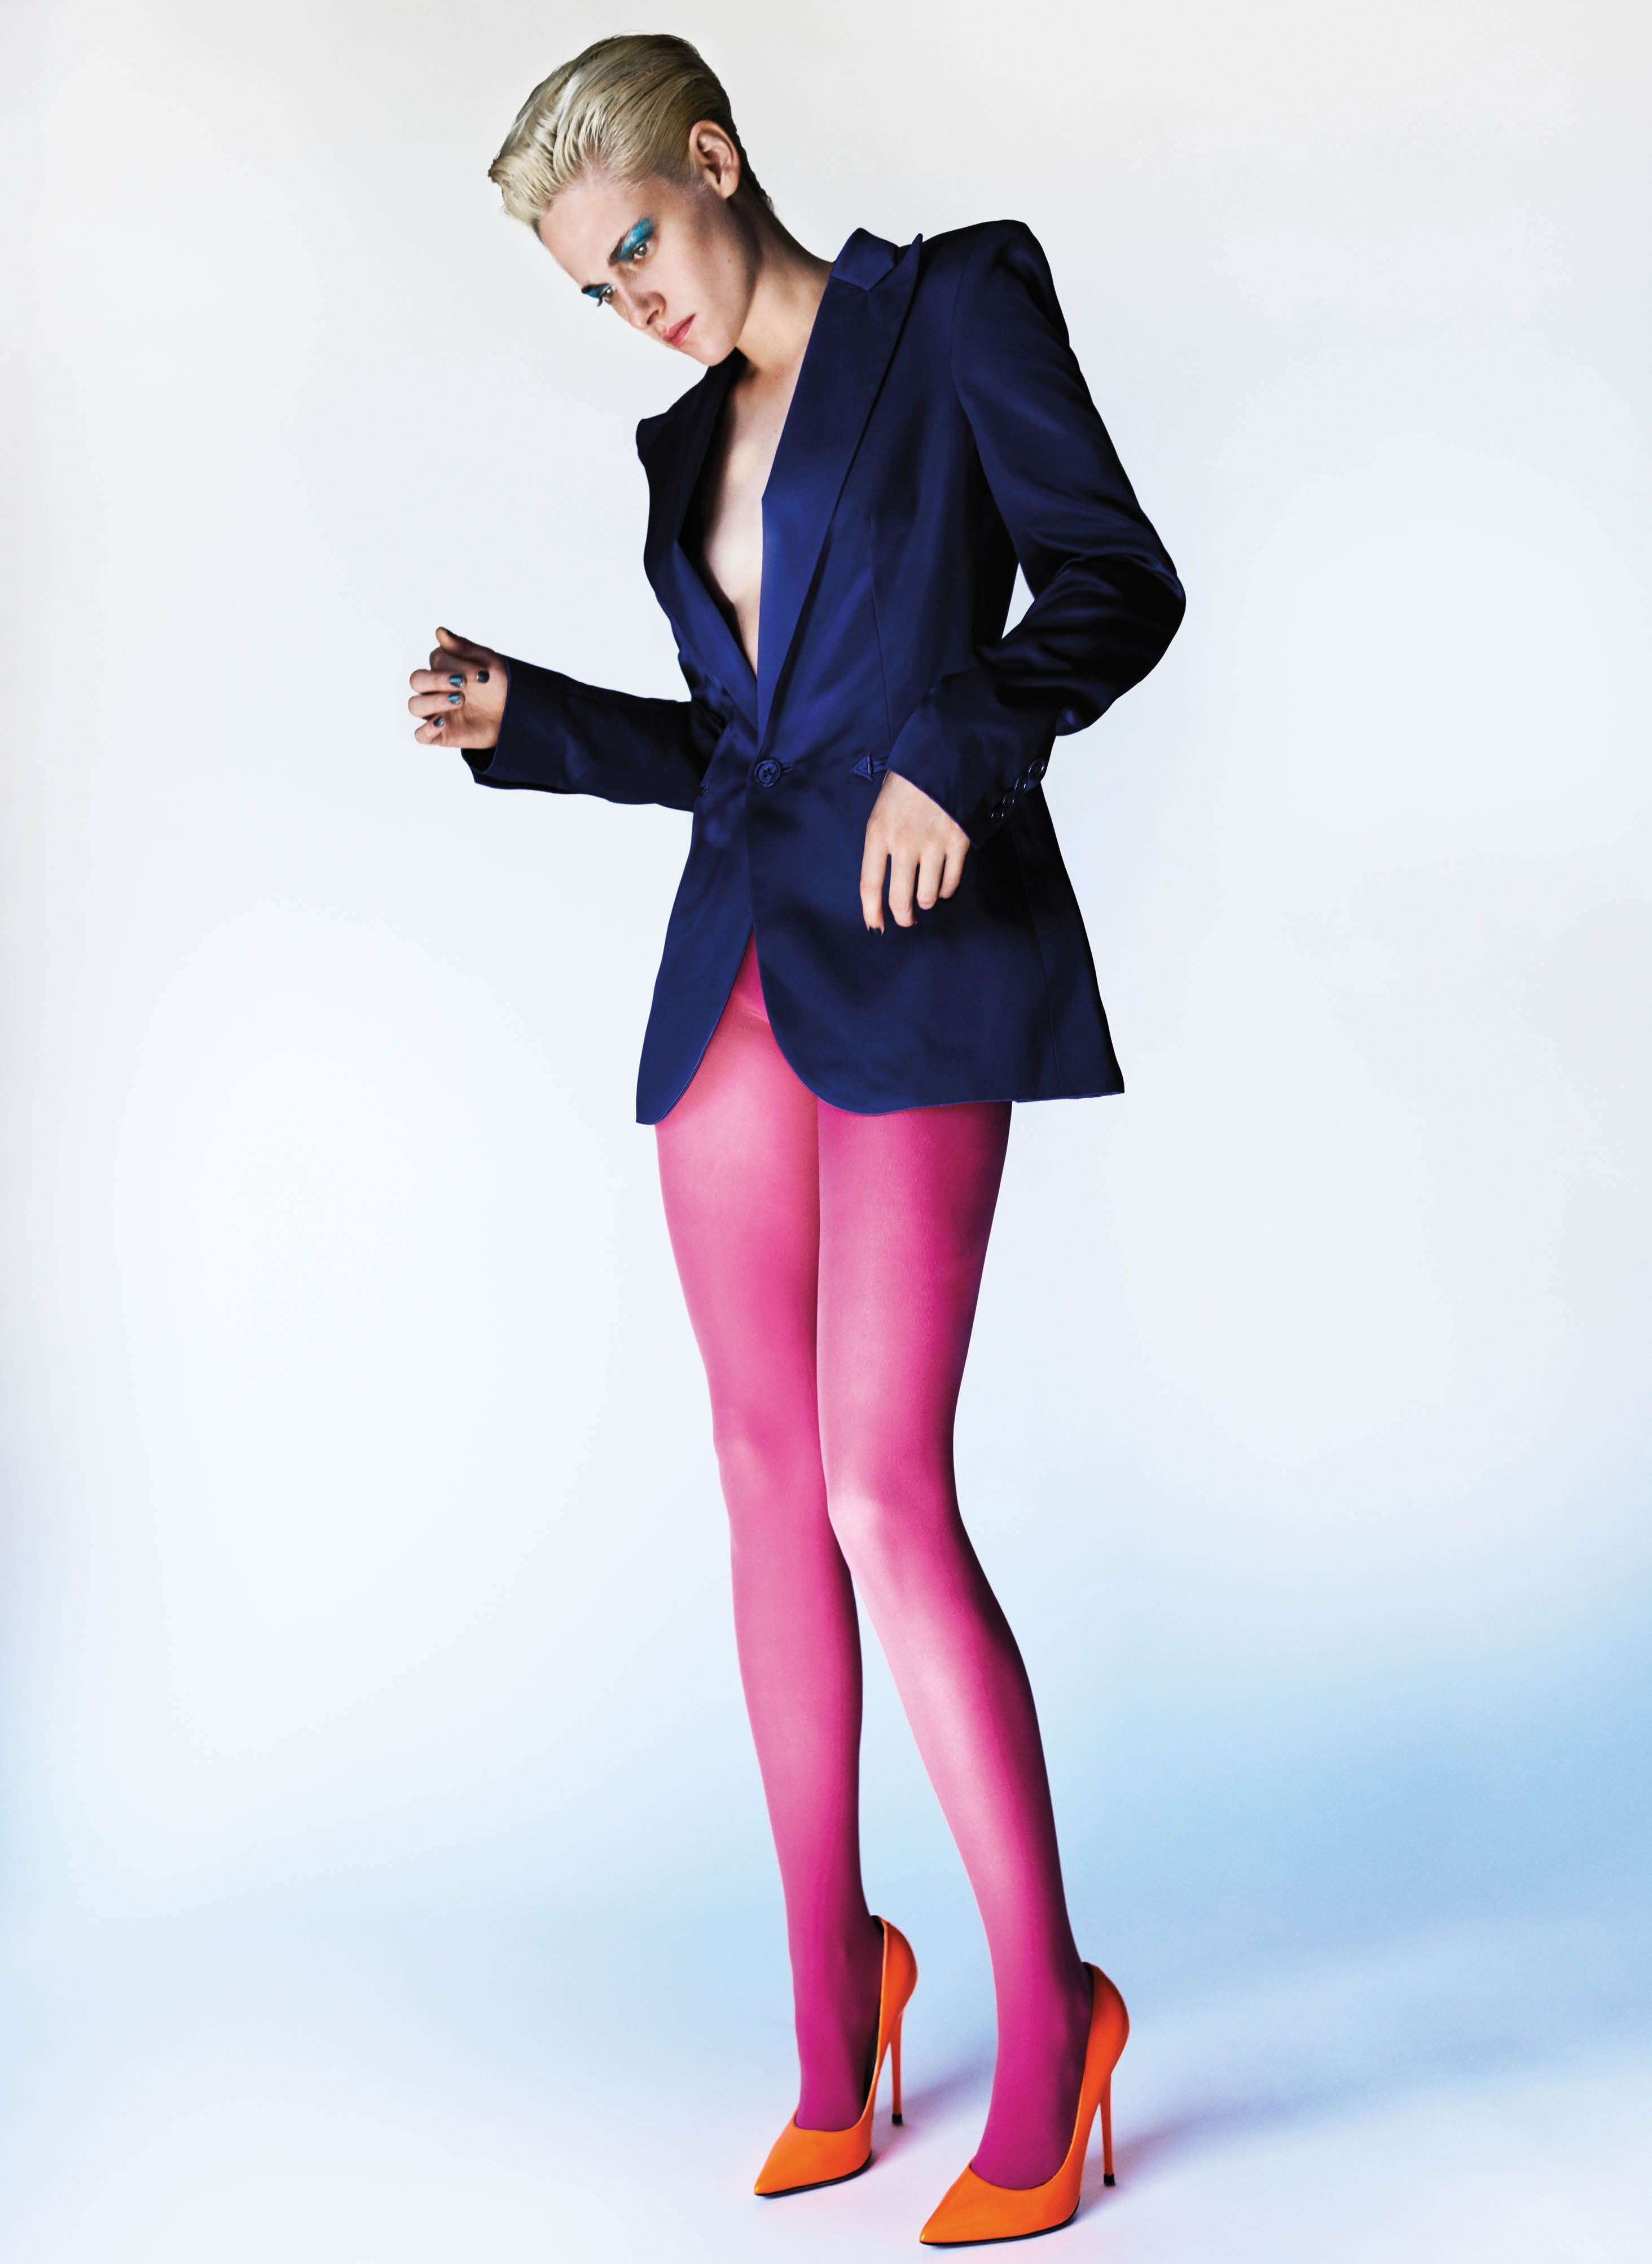 Kristen Stewart gatita